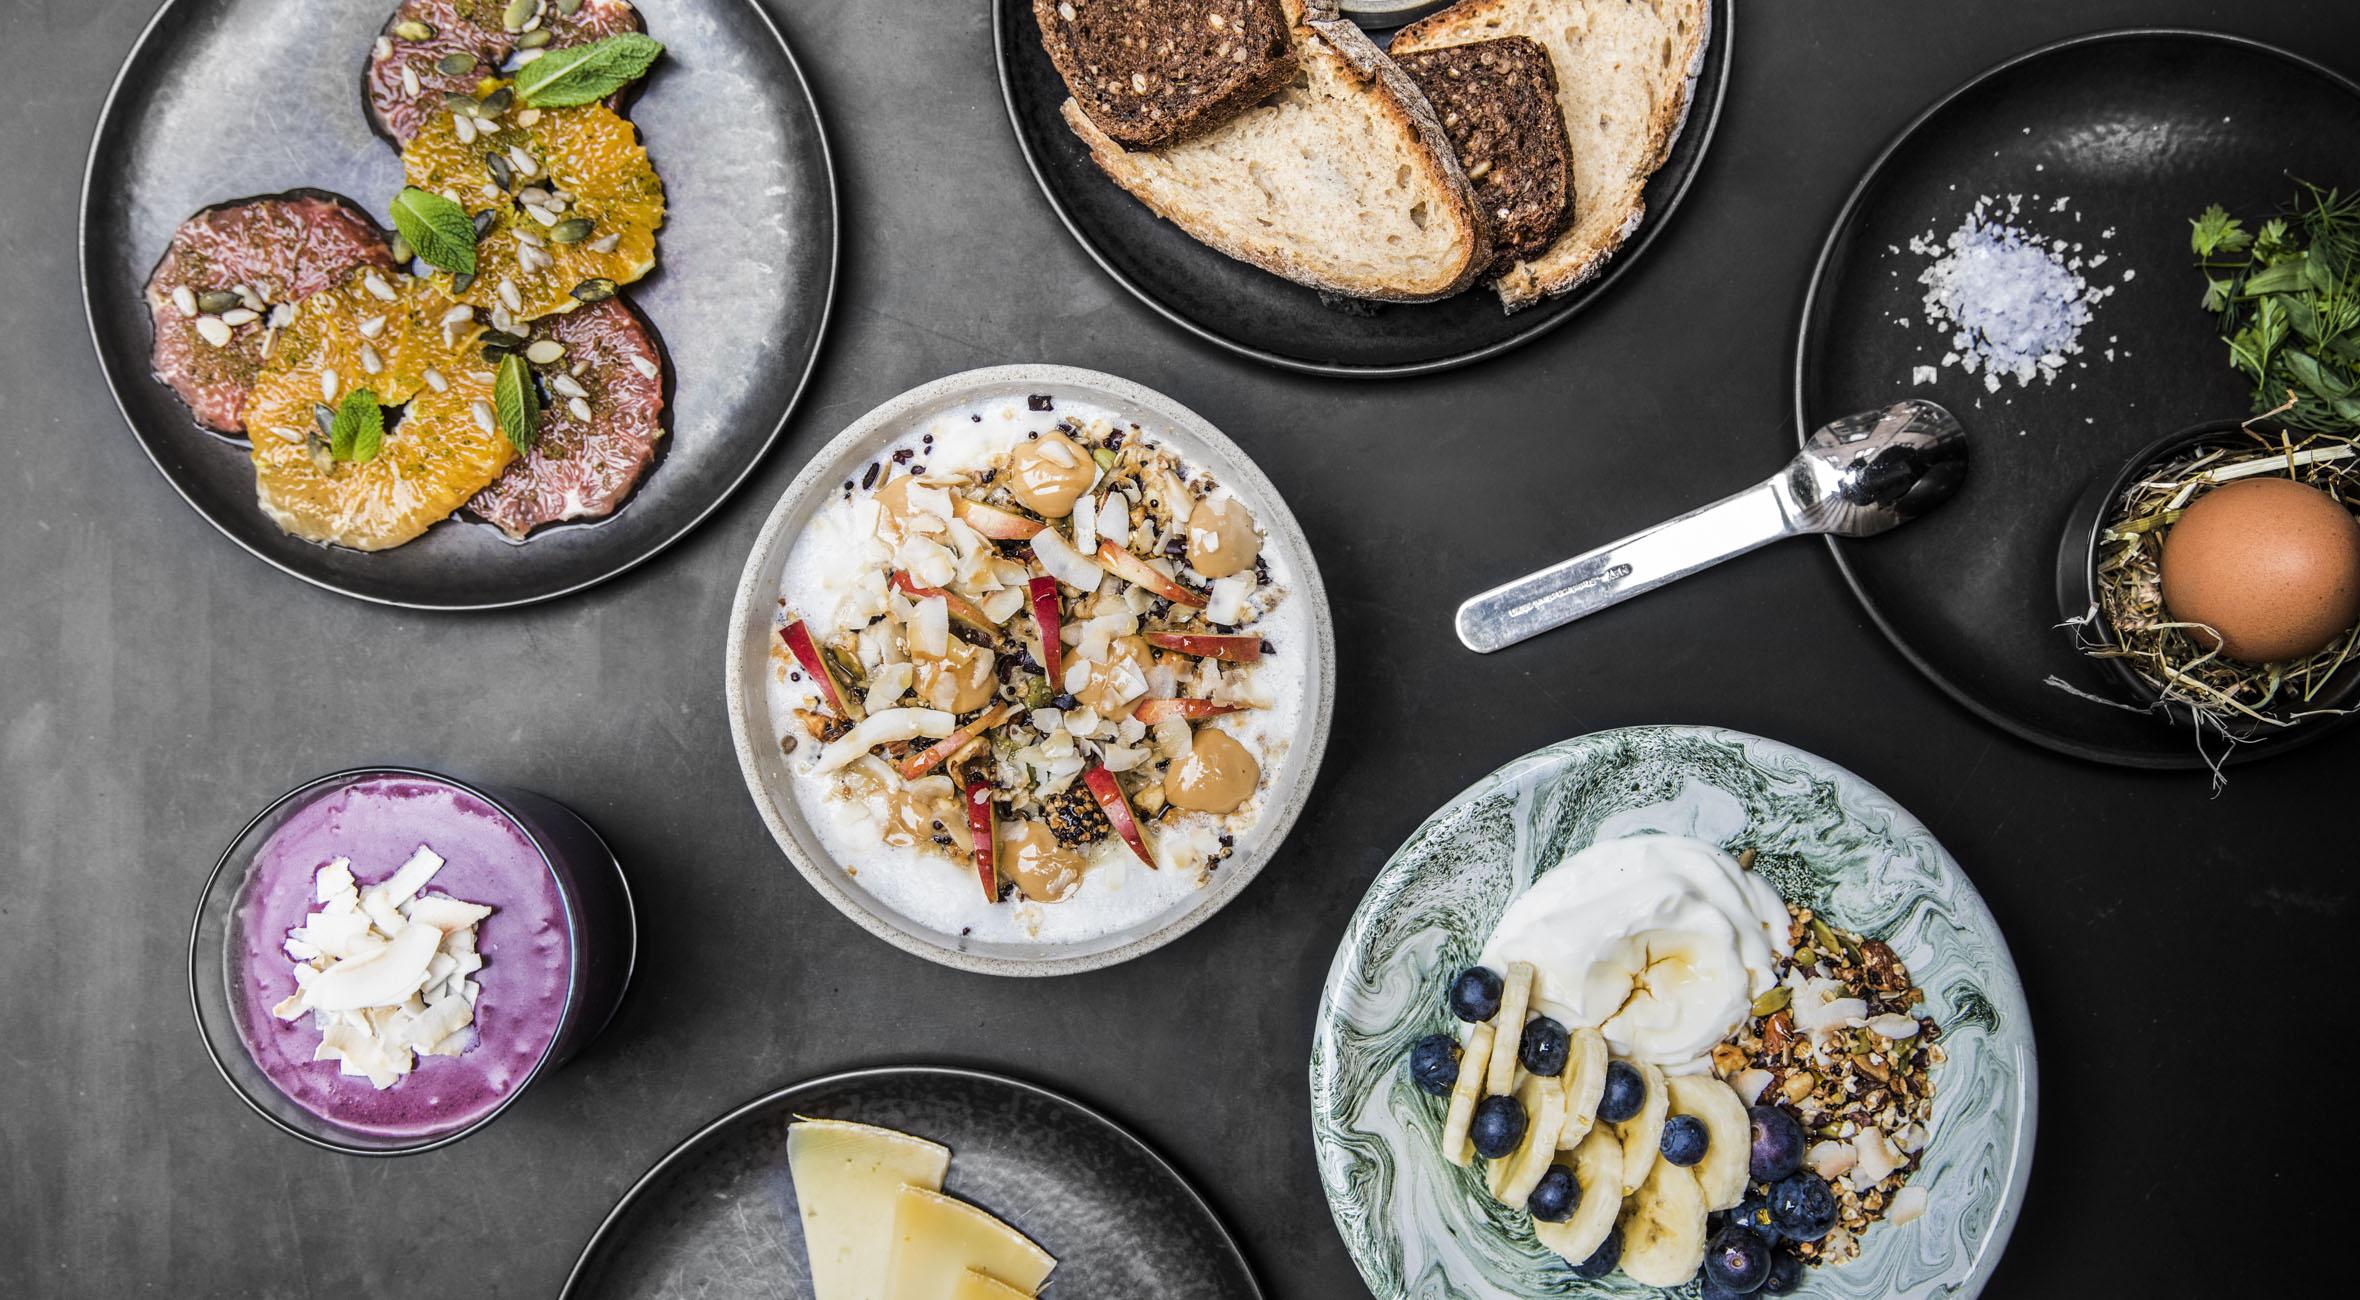 Frit valg til alt hos &Tradition Courtyard – Dansk designvirksomhed har åbnet café i historisk herskabsbygning